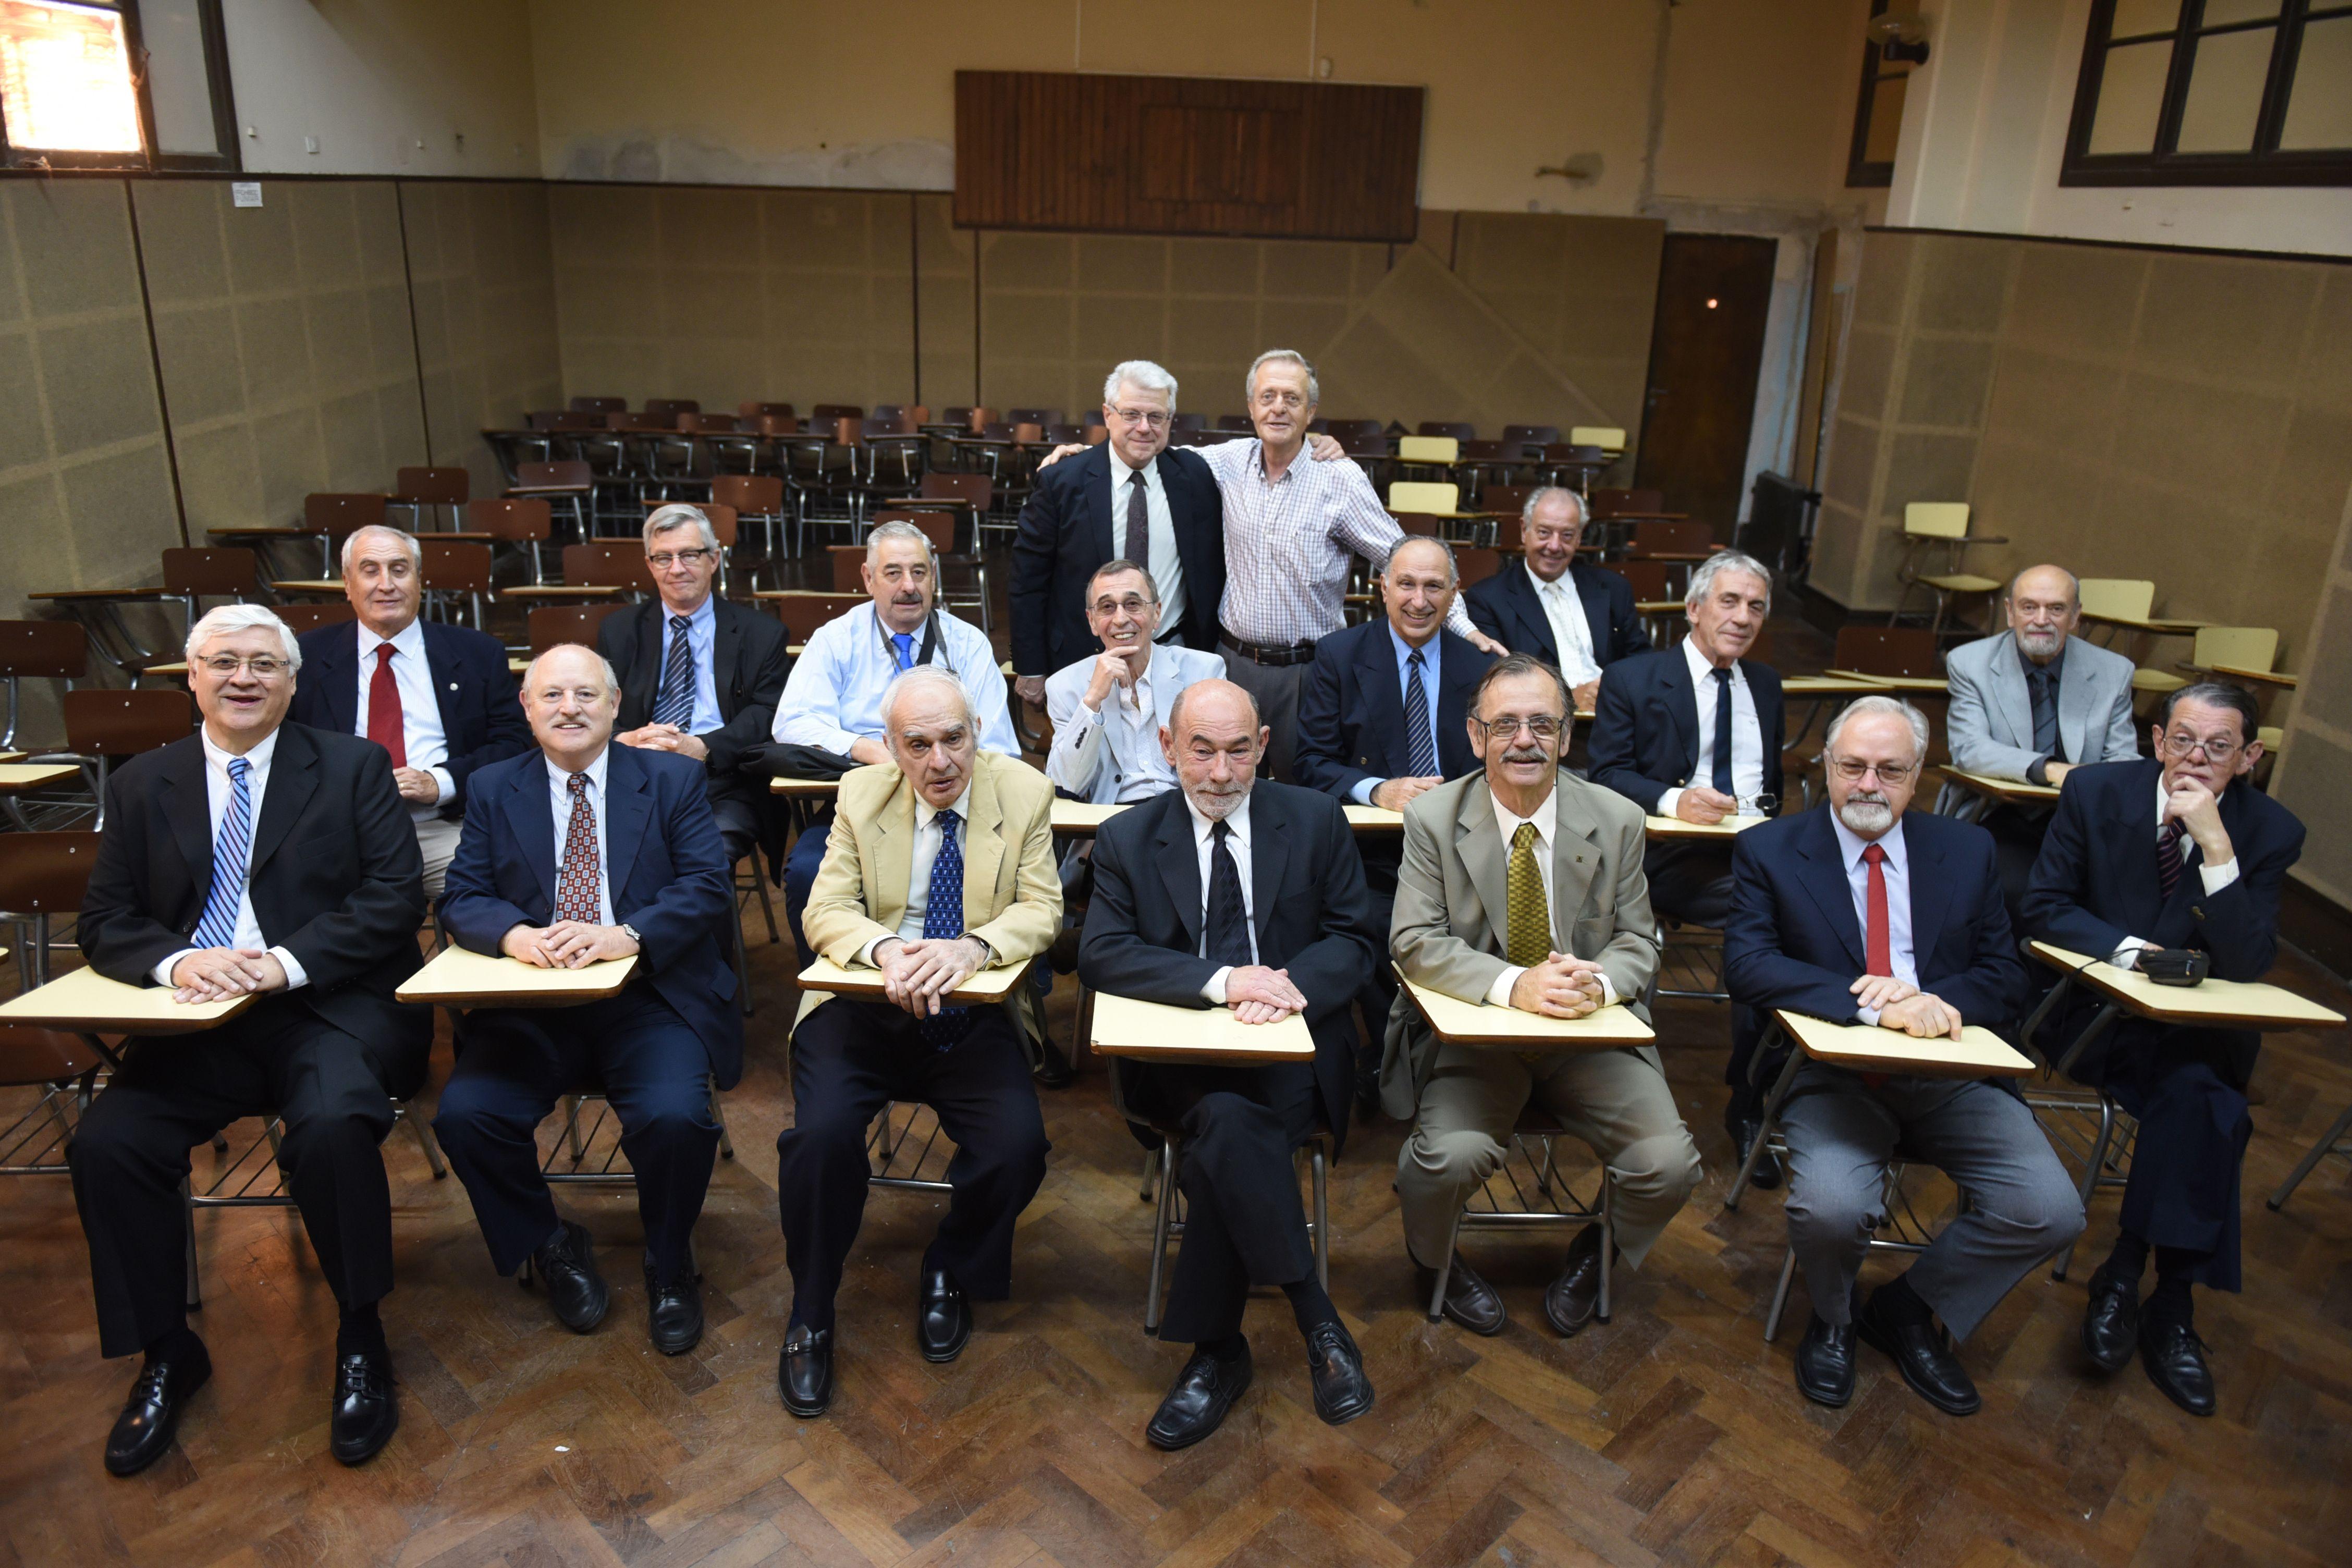 Hoy. El sábado pasado un buen número de egresados de 1965 se volvieron a sentar en las aulas de su querido secundario. (Celina Mutti Lovera / La Capital)